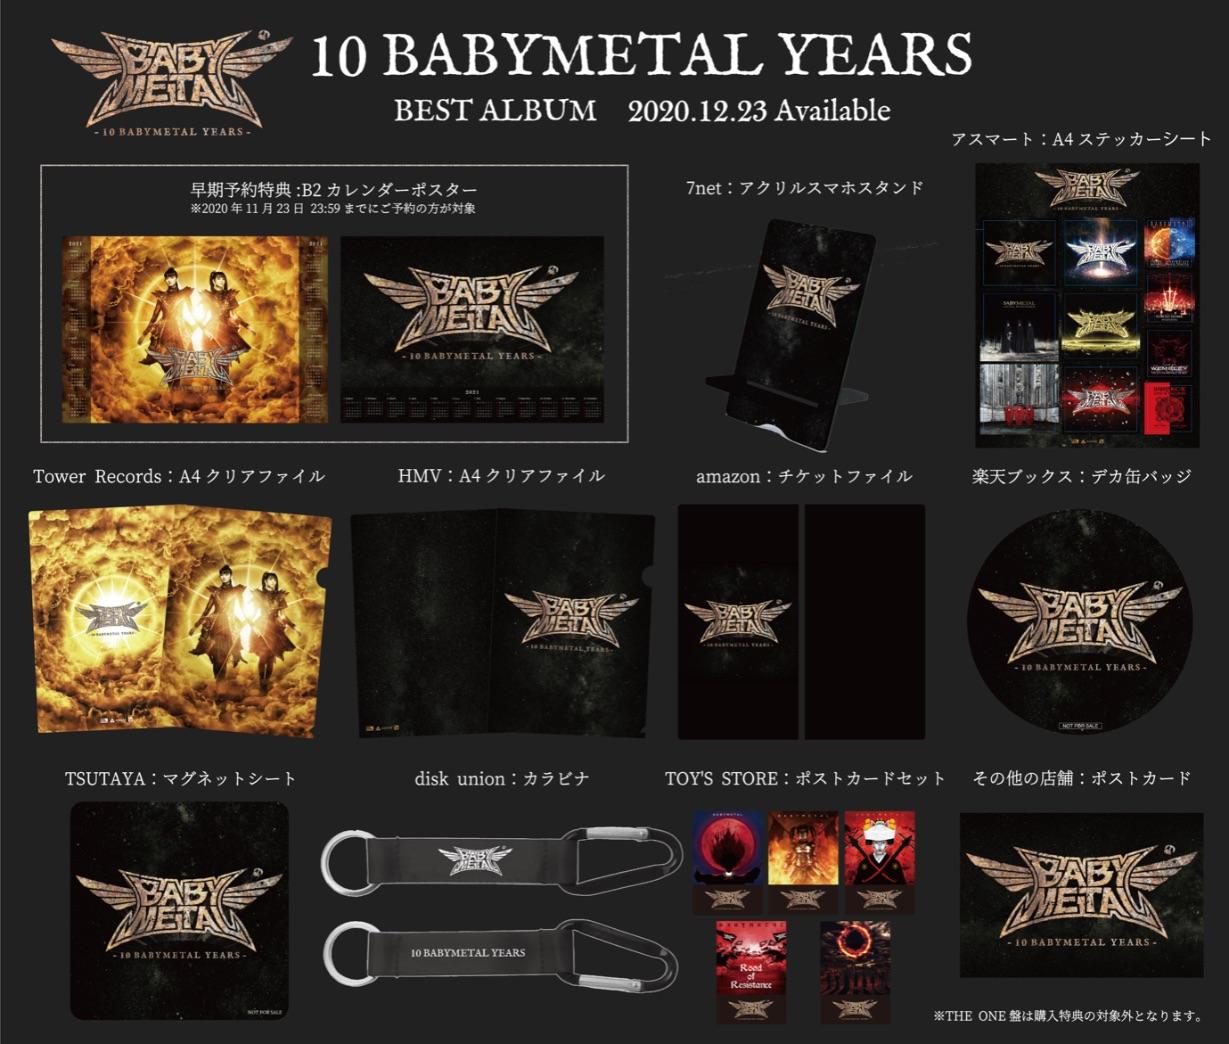 babymetal-10-babymetal-years-%e3%83%99%e3%83%93%e3%83%bc%e3%83%a1%e3%82%bf%e3%83%ab-2-2